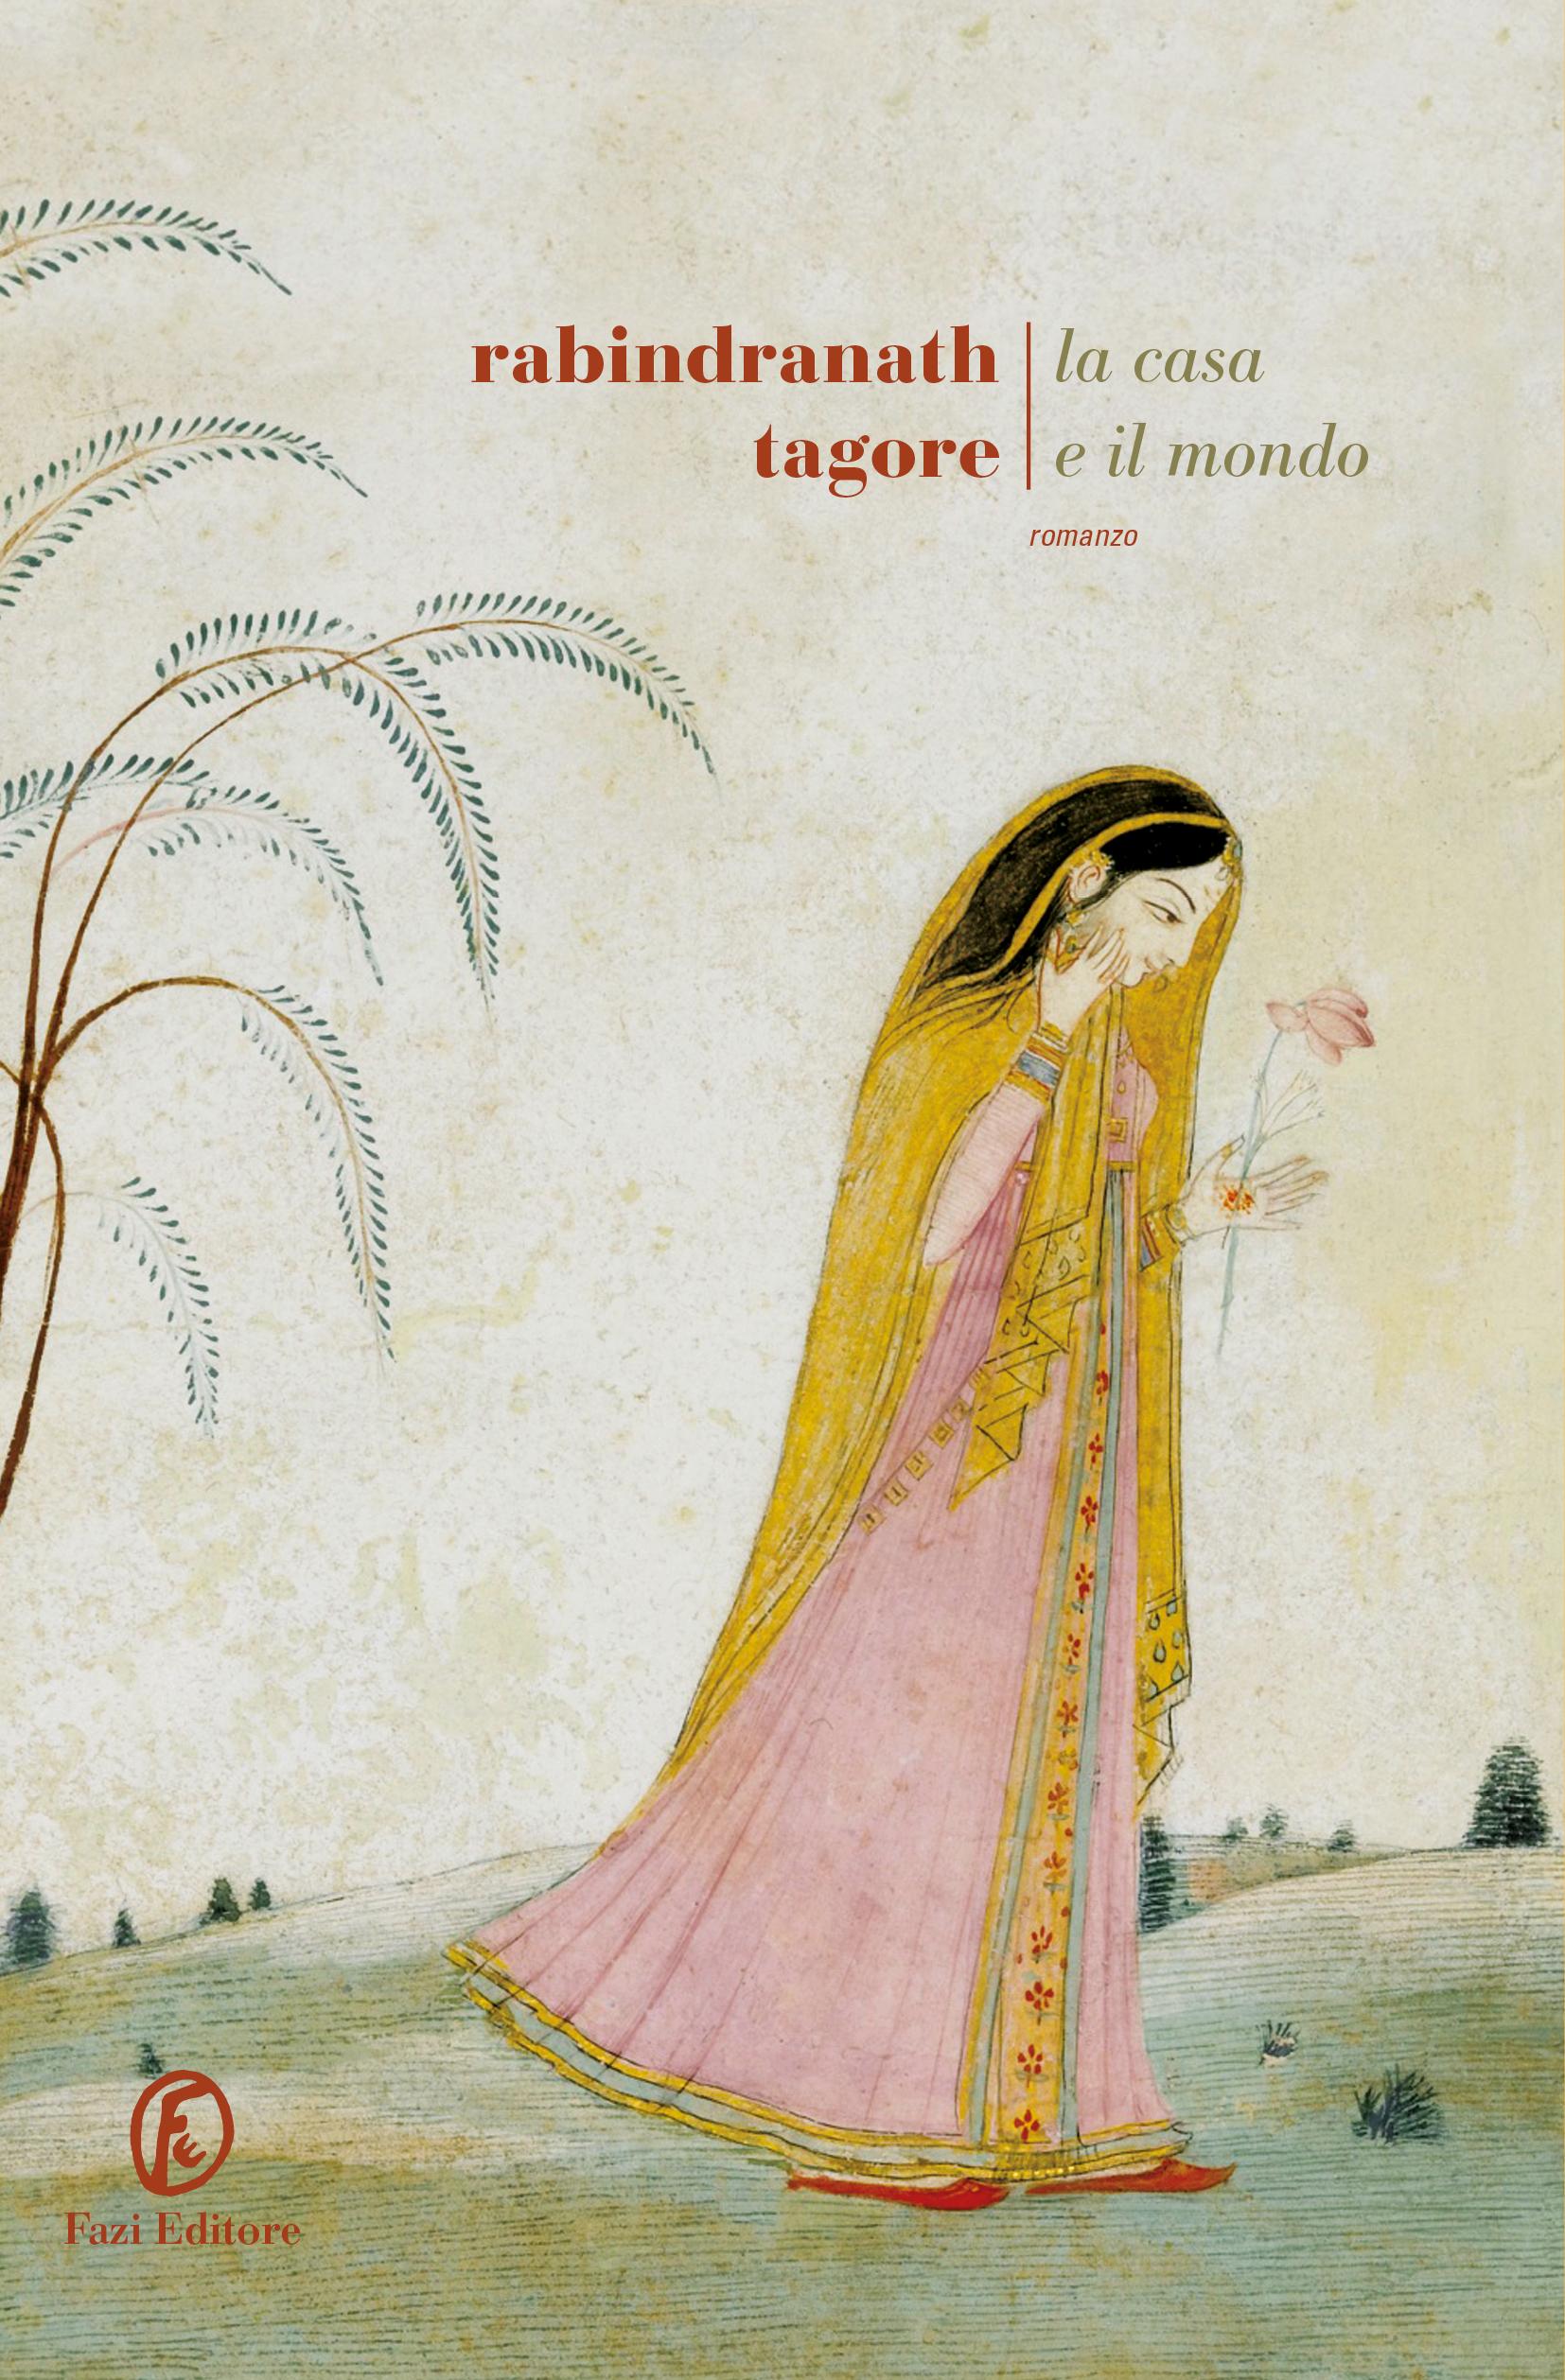 La casa e il mondo | Rabindranath Tagore | Fazi Editore